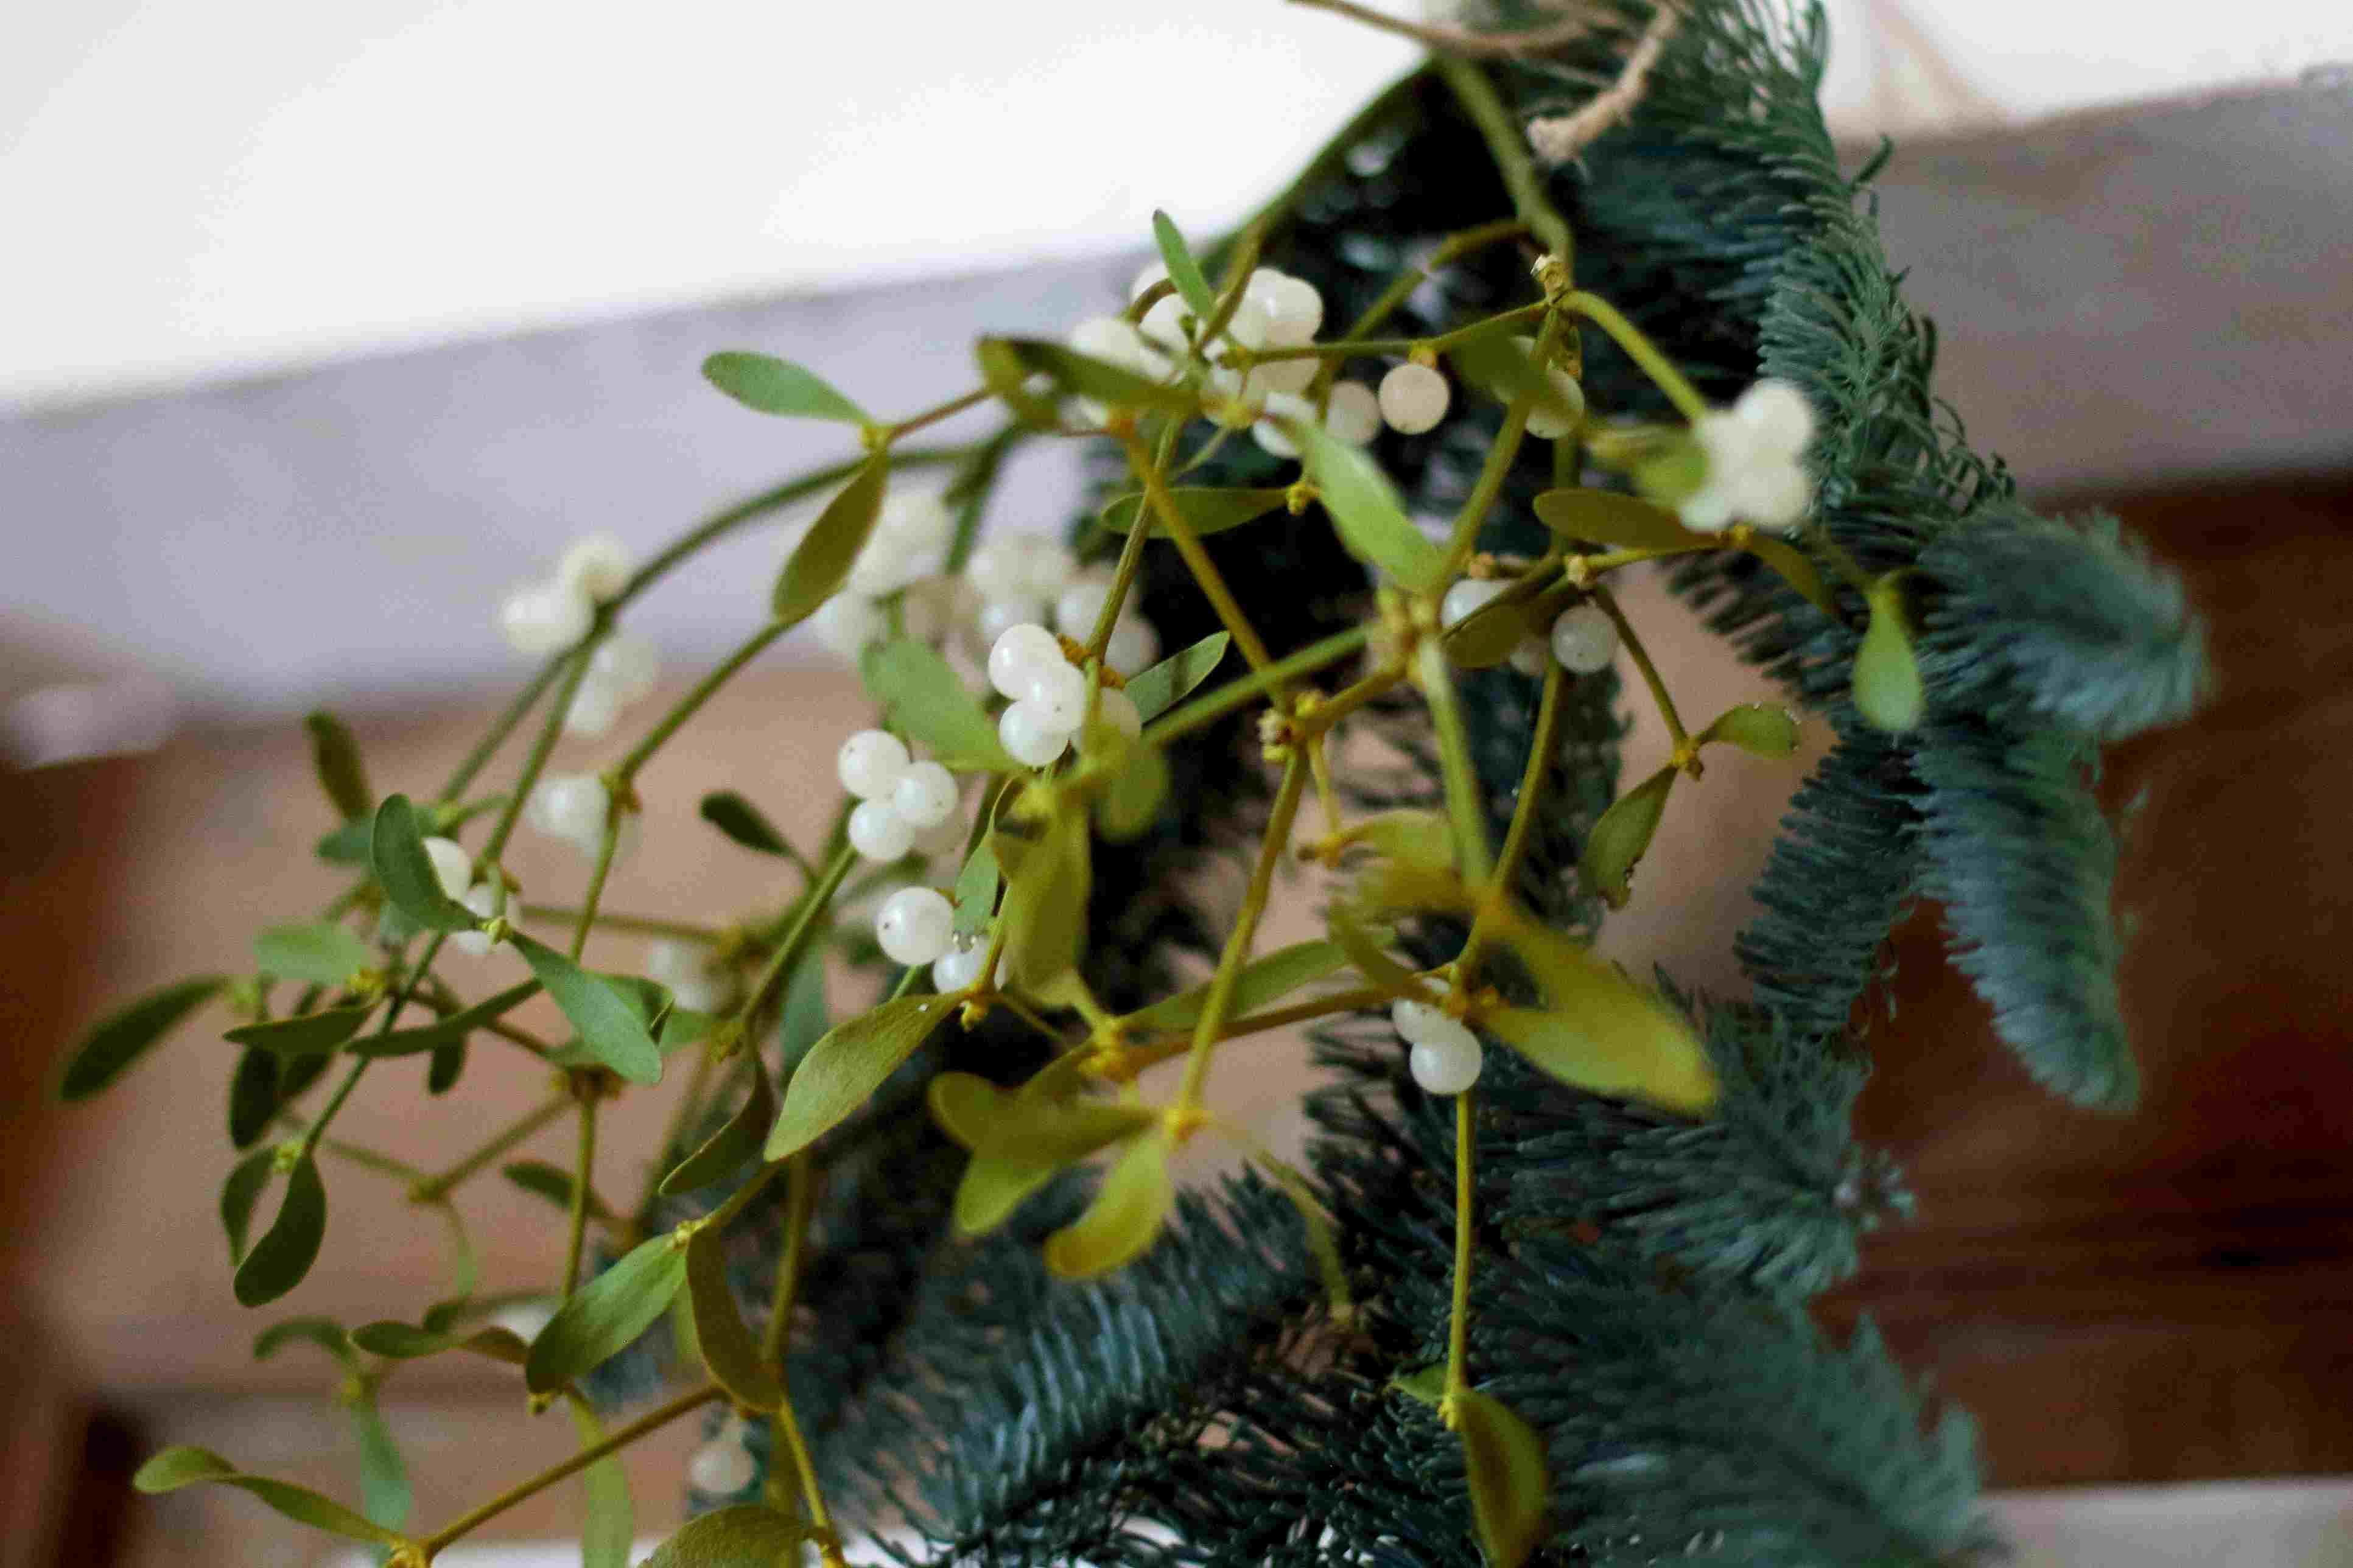 Mistletoe hanging on a wall